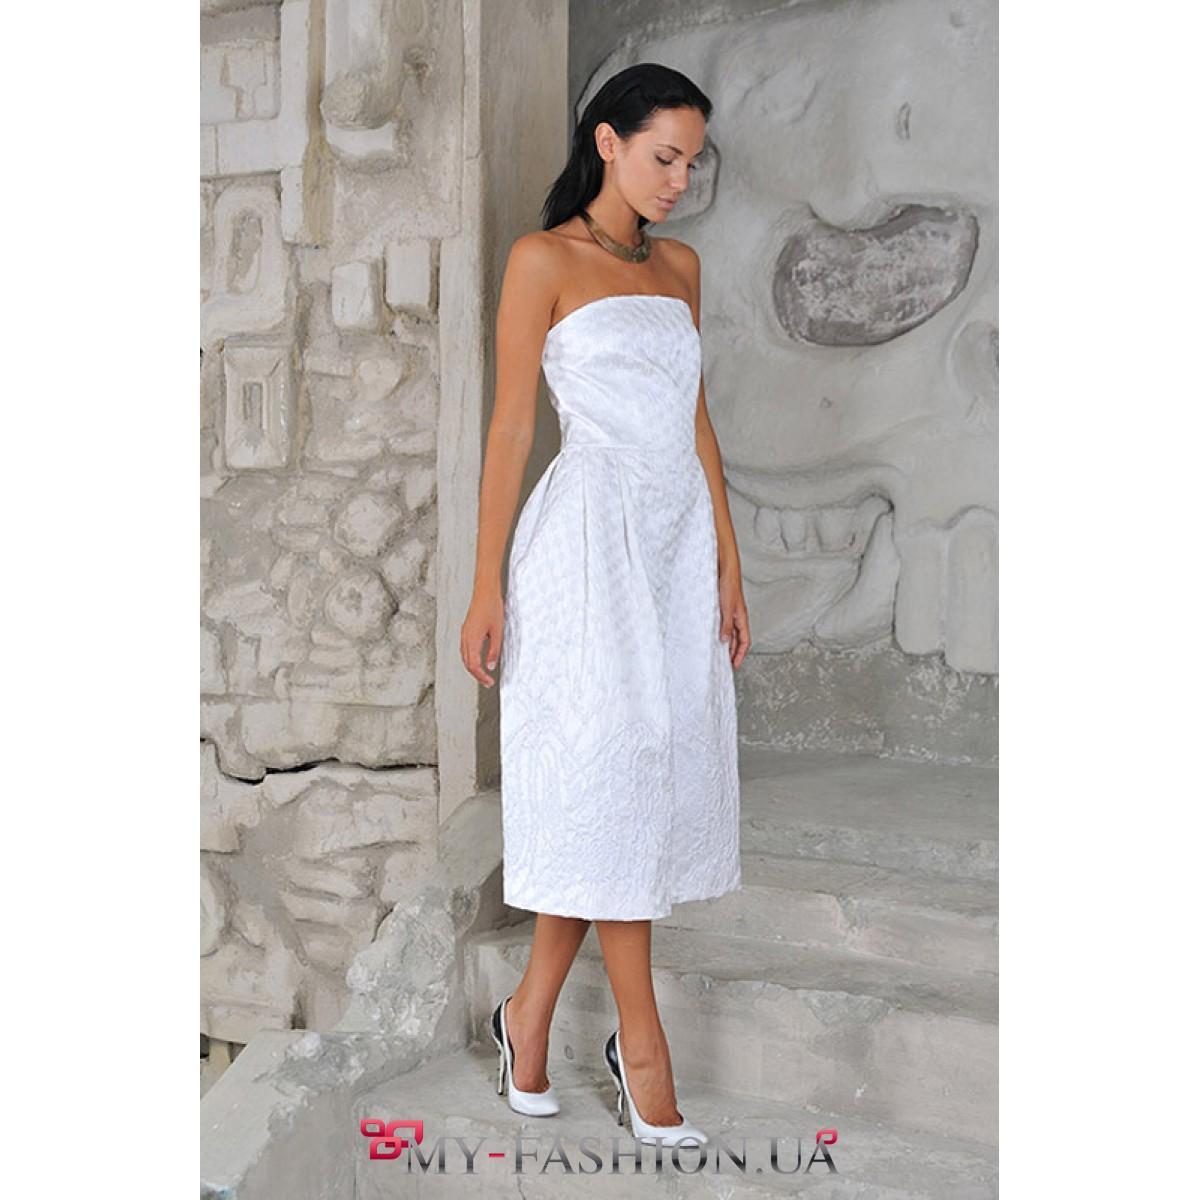 Стильное белое платье купить